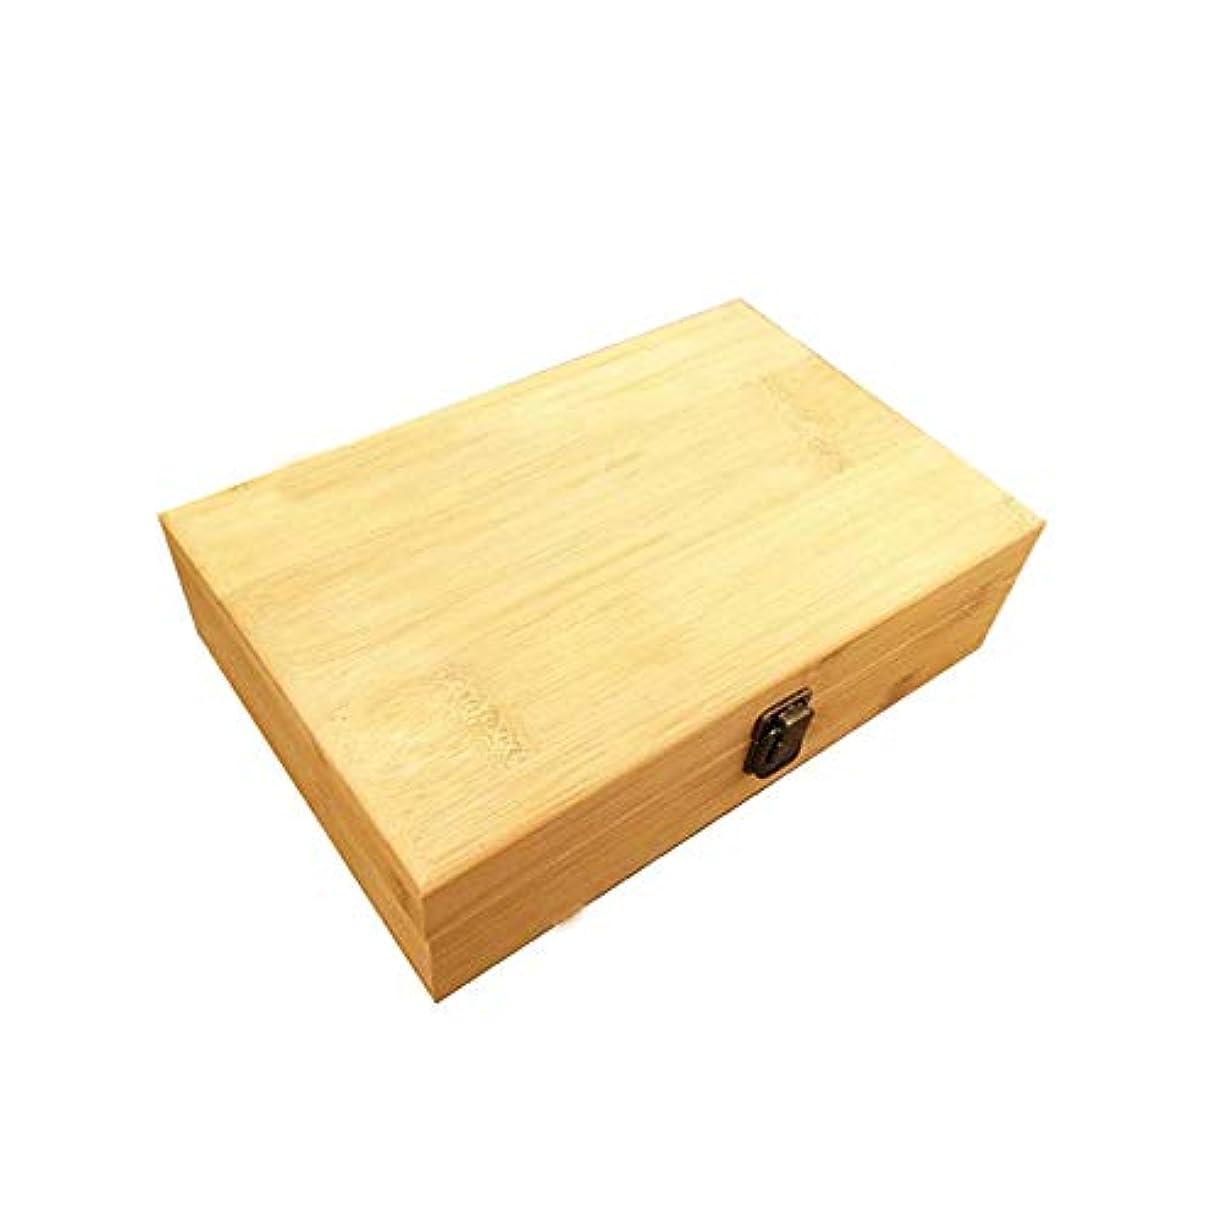 特徴お願いします分子エッセンシャルオイルストレージボックス 40スロットエッセンシャルオイルボックス木製収納ケースは、40本のボトルエッセンシャルオイルスペースセーバーの開催します 旅行およびプレゼンテーション用 (色 : Natural,...